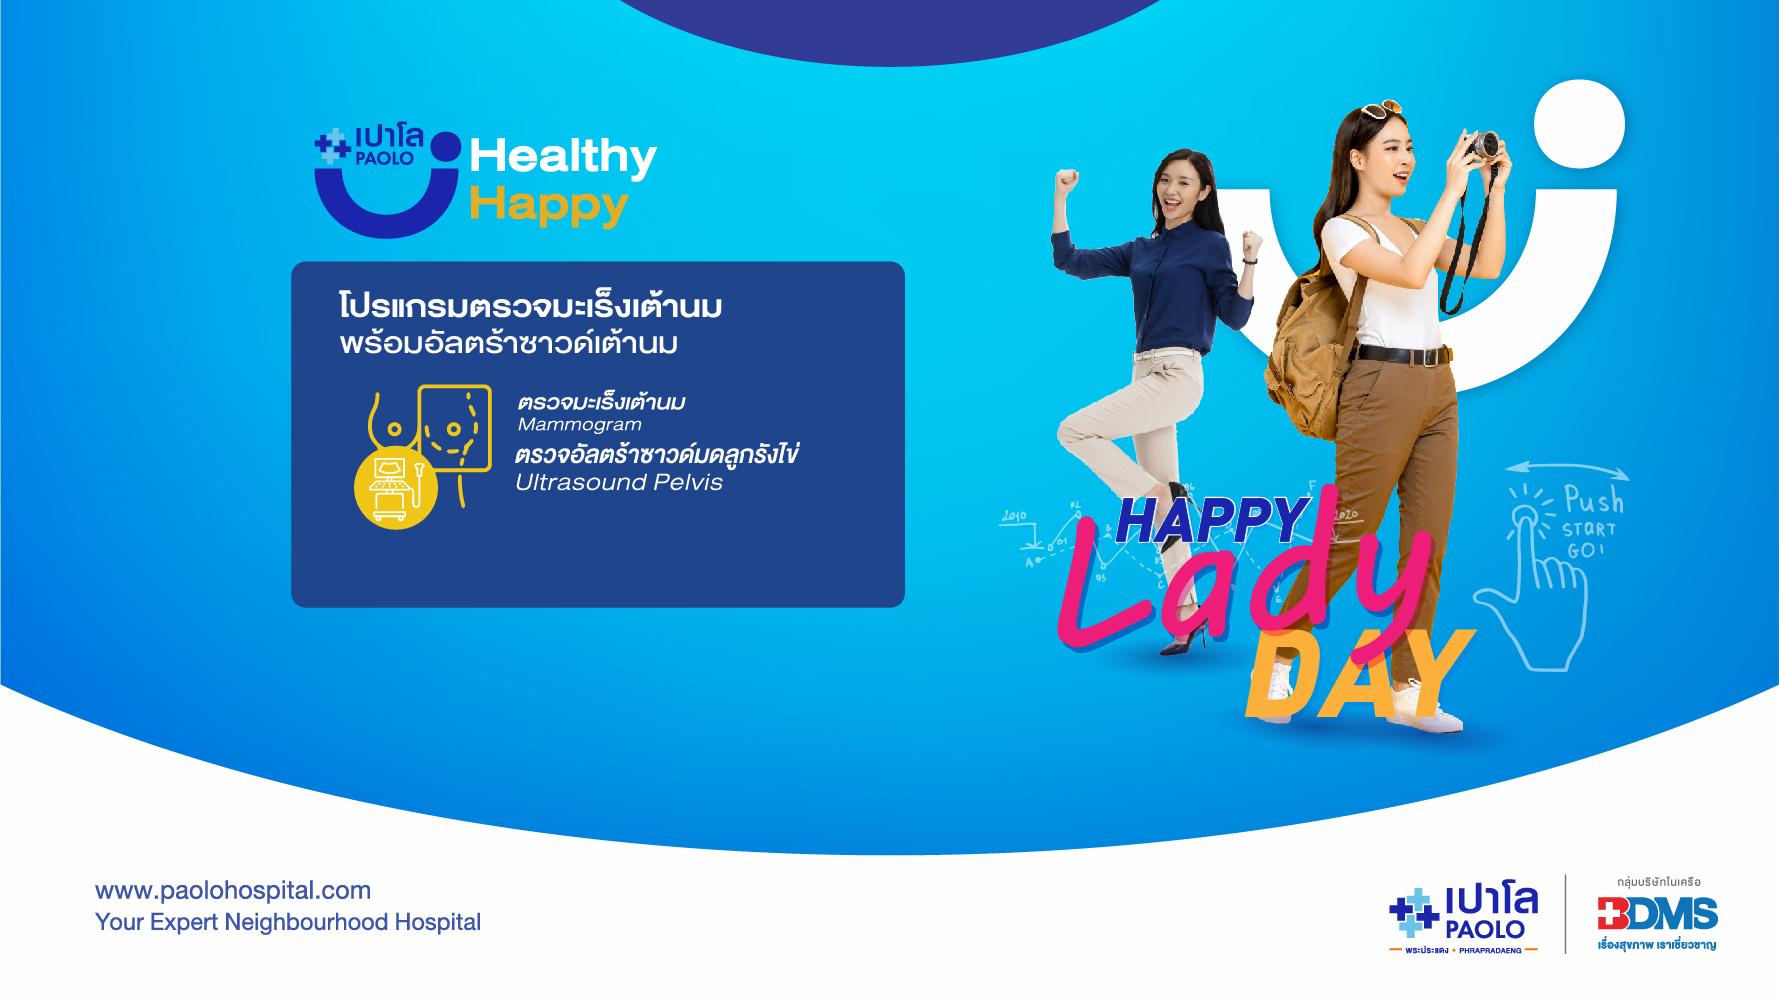 Happy Lady Day โปรแกรมตรวจมะเร็งหญิง